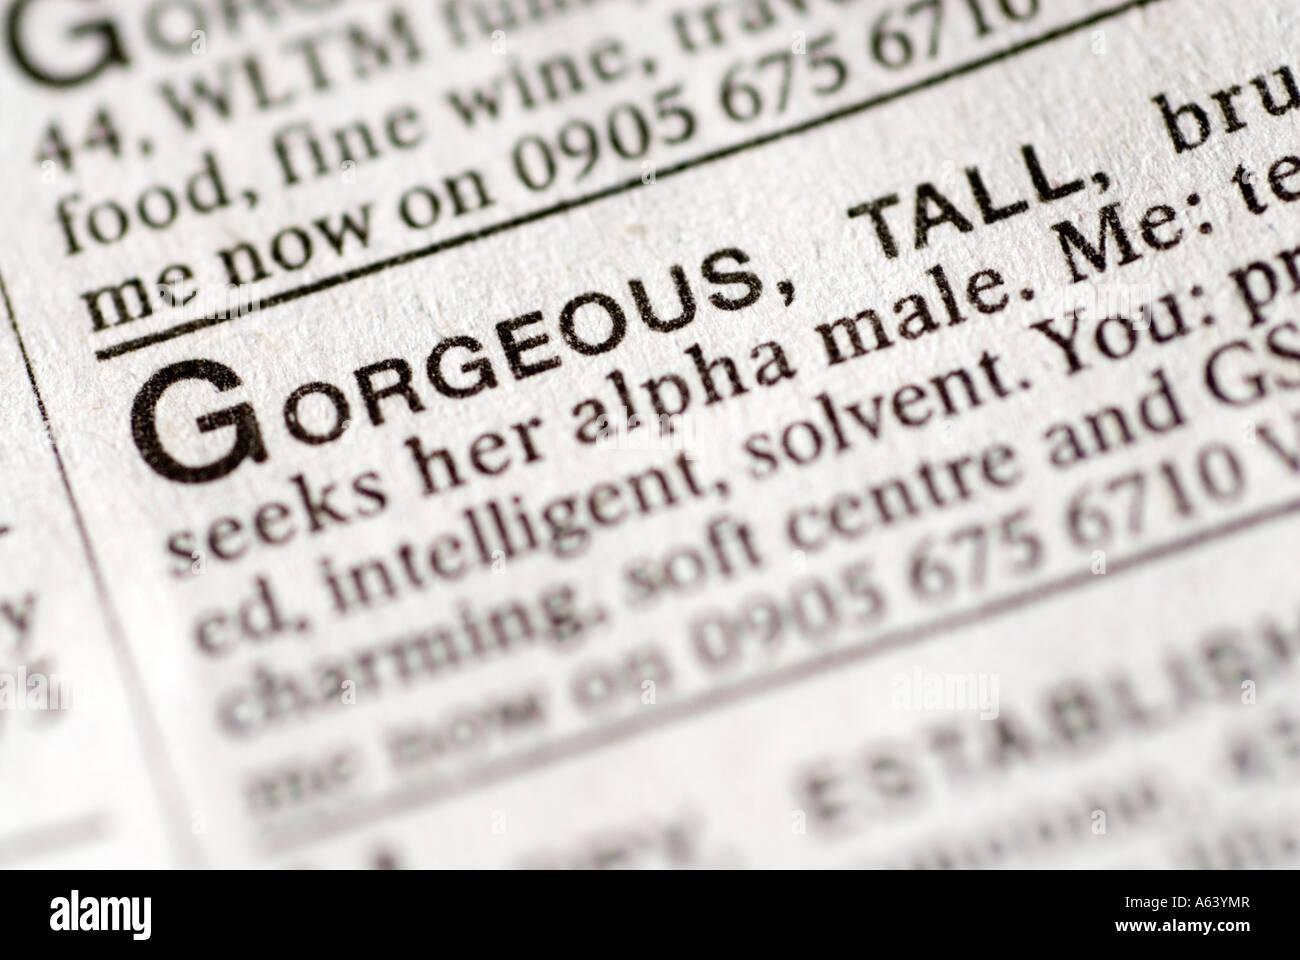 Annuncio Singles dating in pagine di giornale Immagini Stock